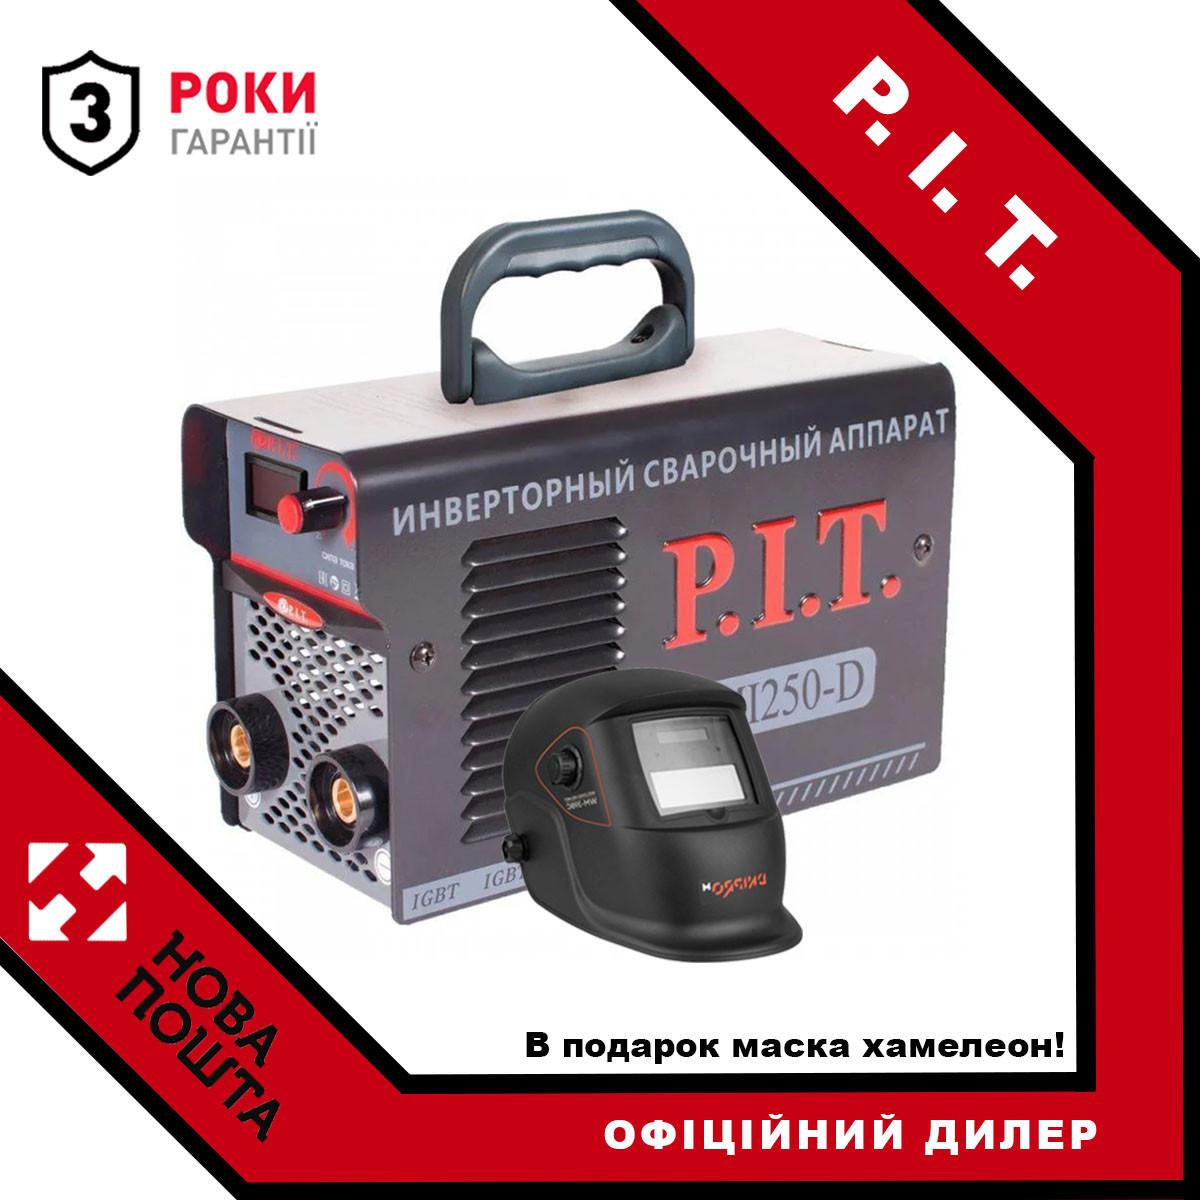 Сварочный инвертор P.I.T. PMI250-D + В подарок маска хамелеон!